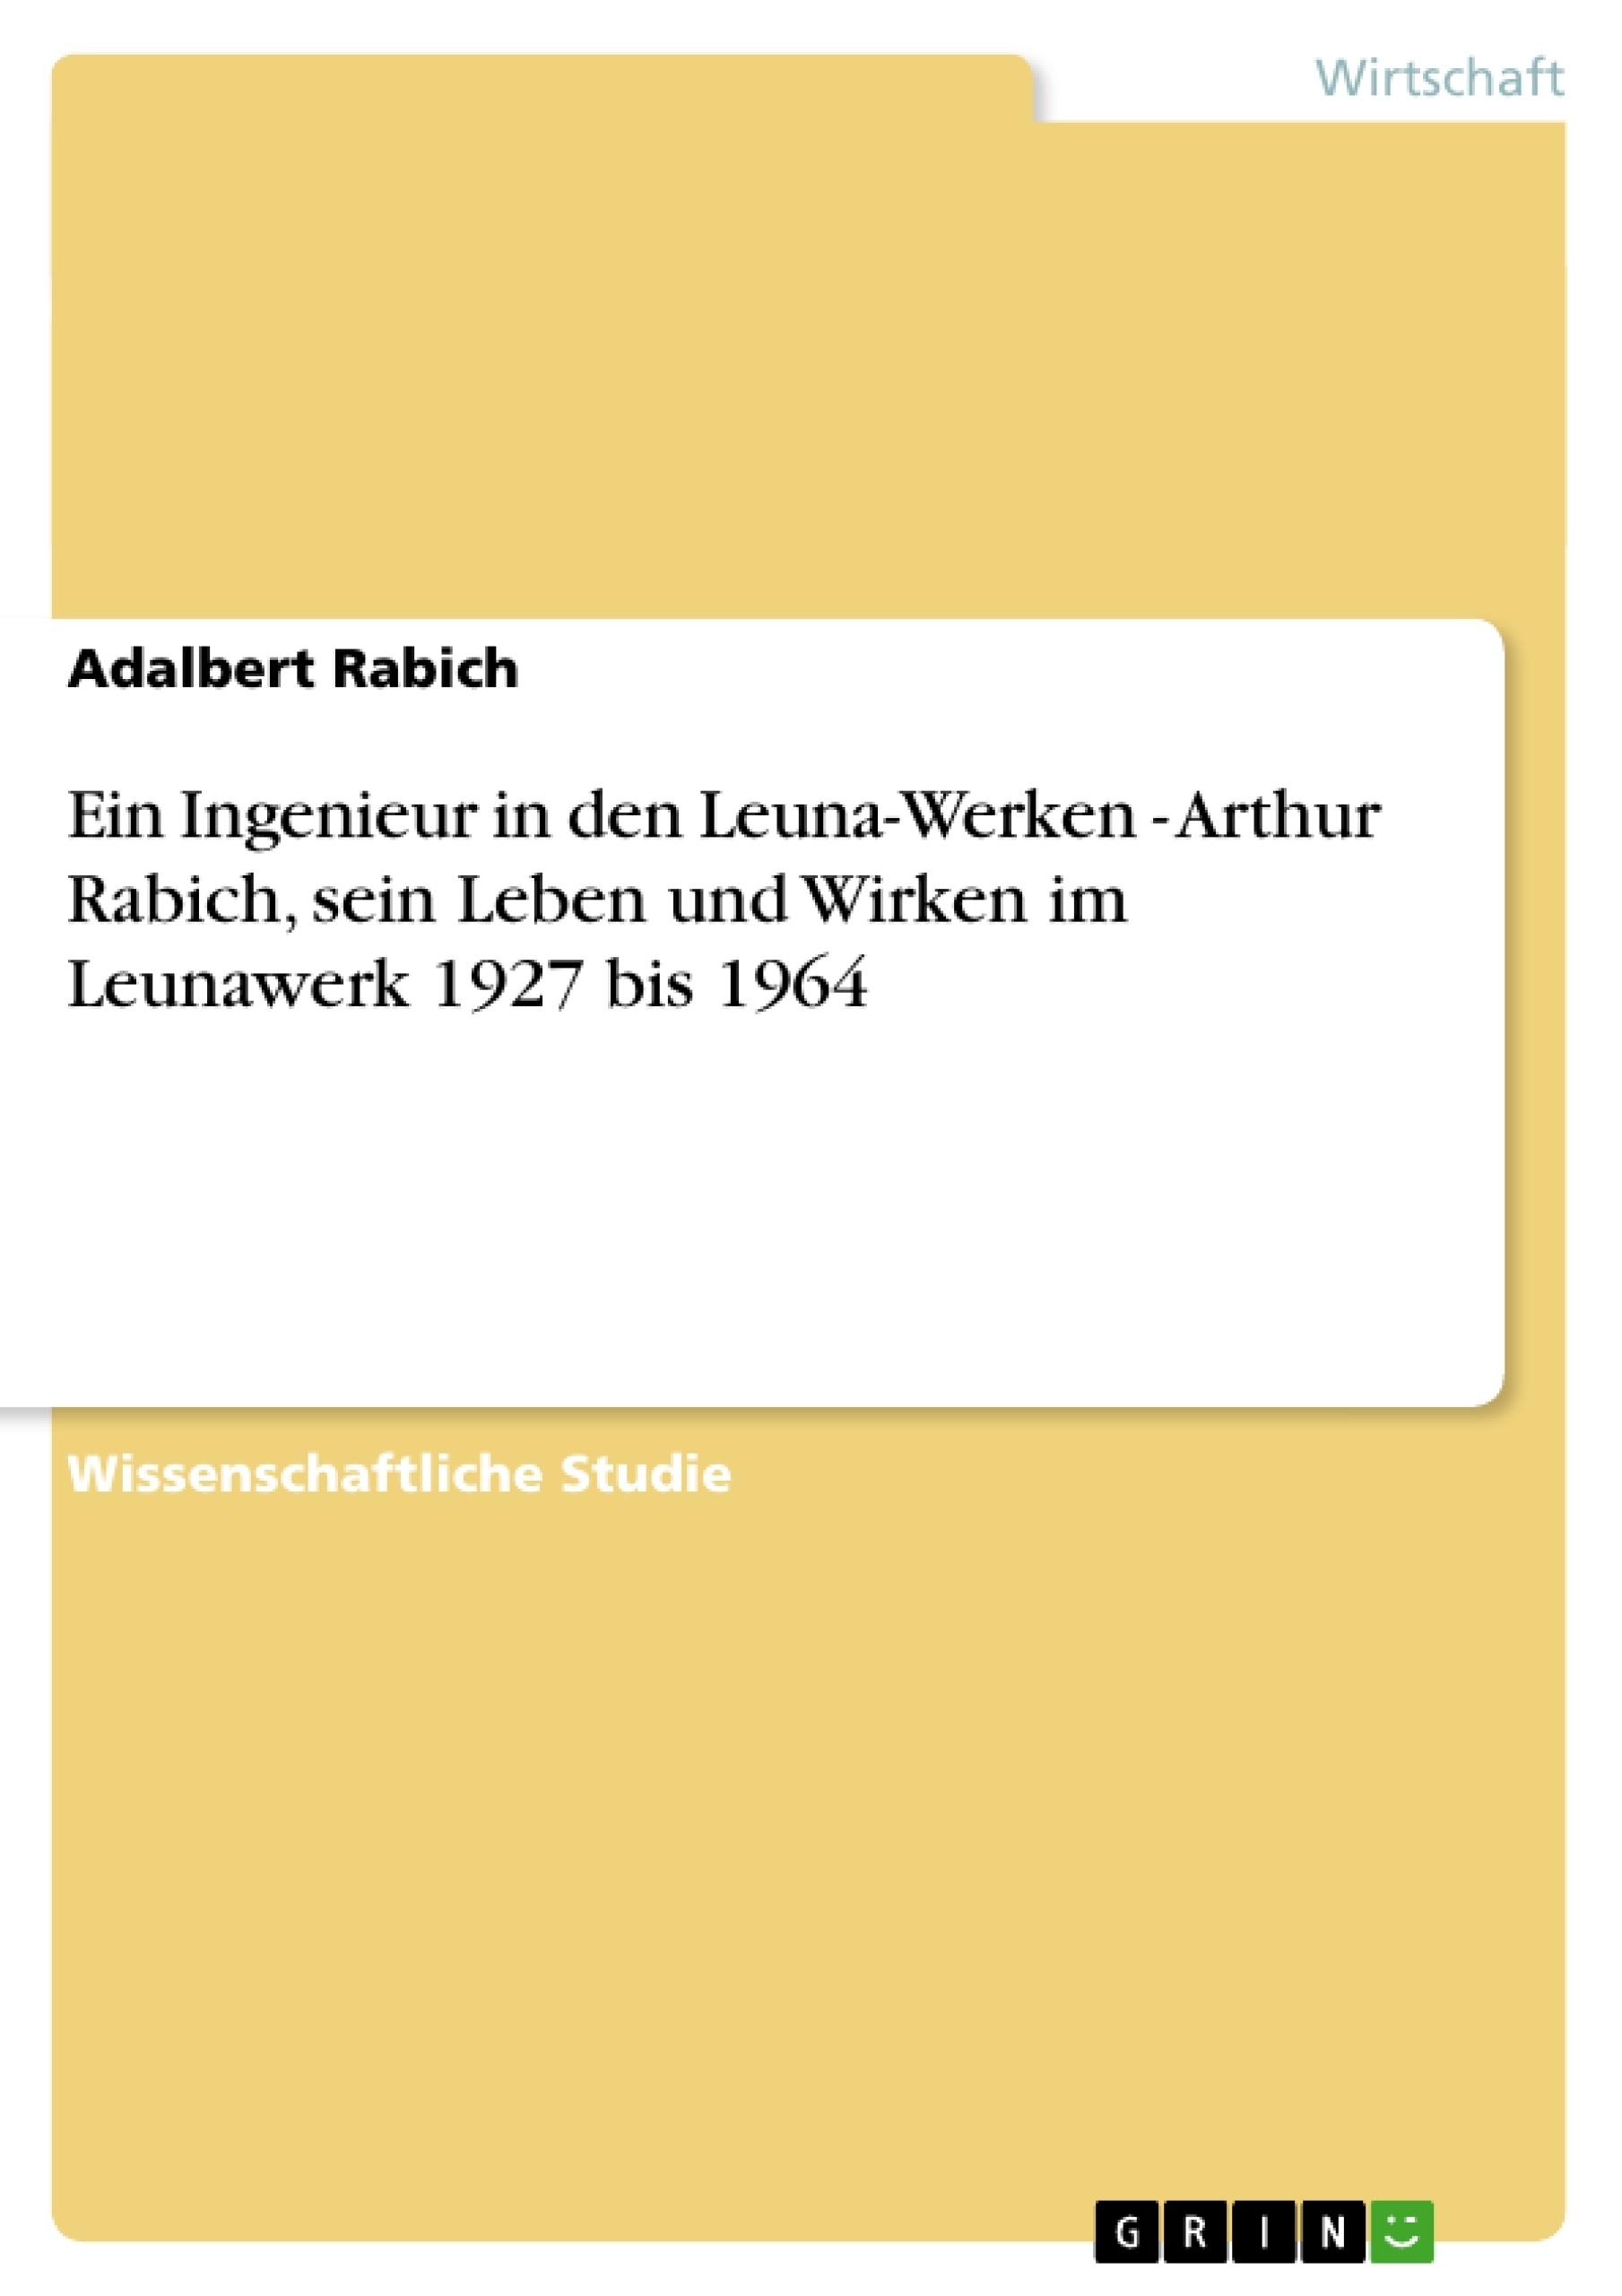 Titel: Ein Ingenieur in den Leuna-Werken - Arthur Rabich, sein Leben und Wirken im Leunawerk 1927 bis 1964